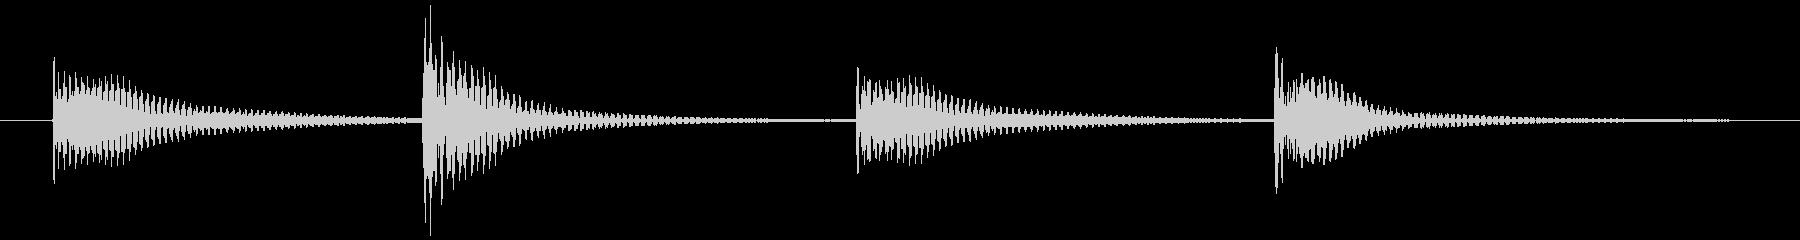 でんでん太鼓 (タンタンタンタン)の未再生の波形